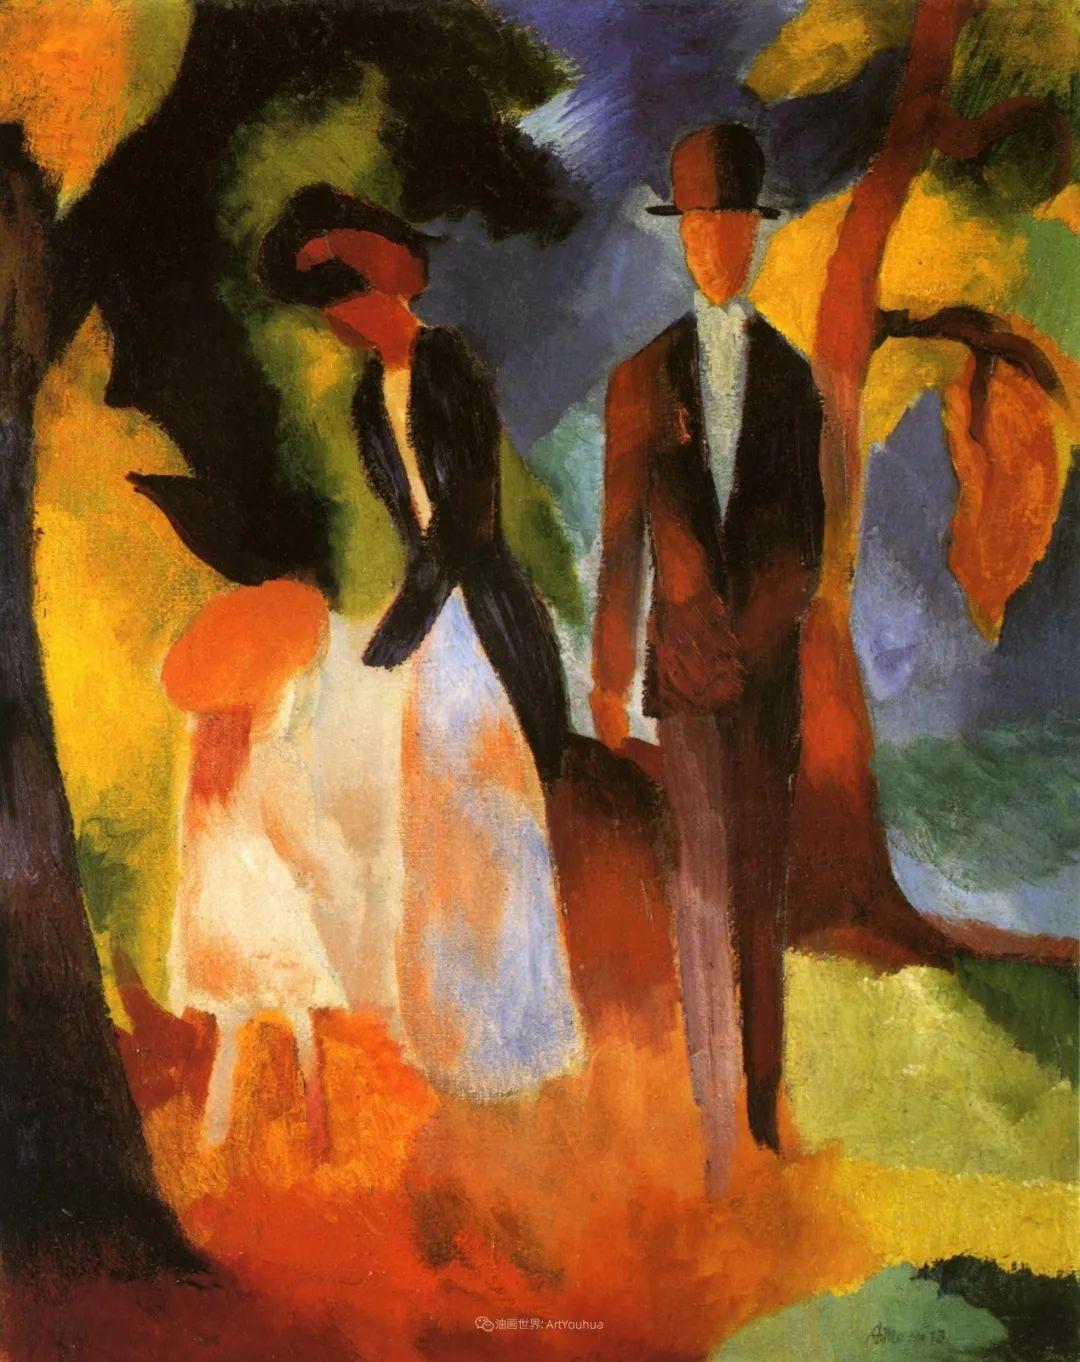 画面色彩的力量,德国表现主义画家奥古斯特·马克插图115